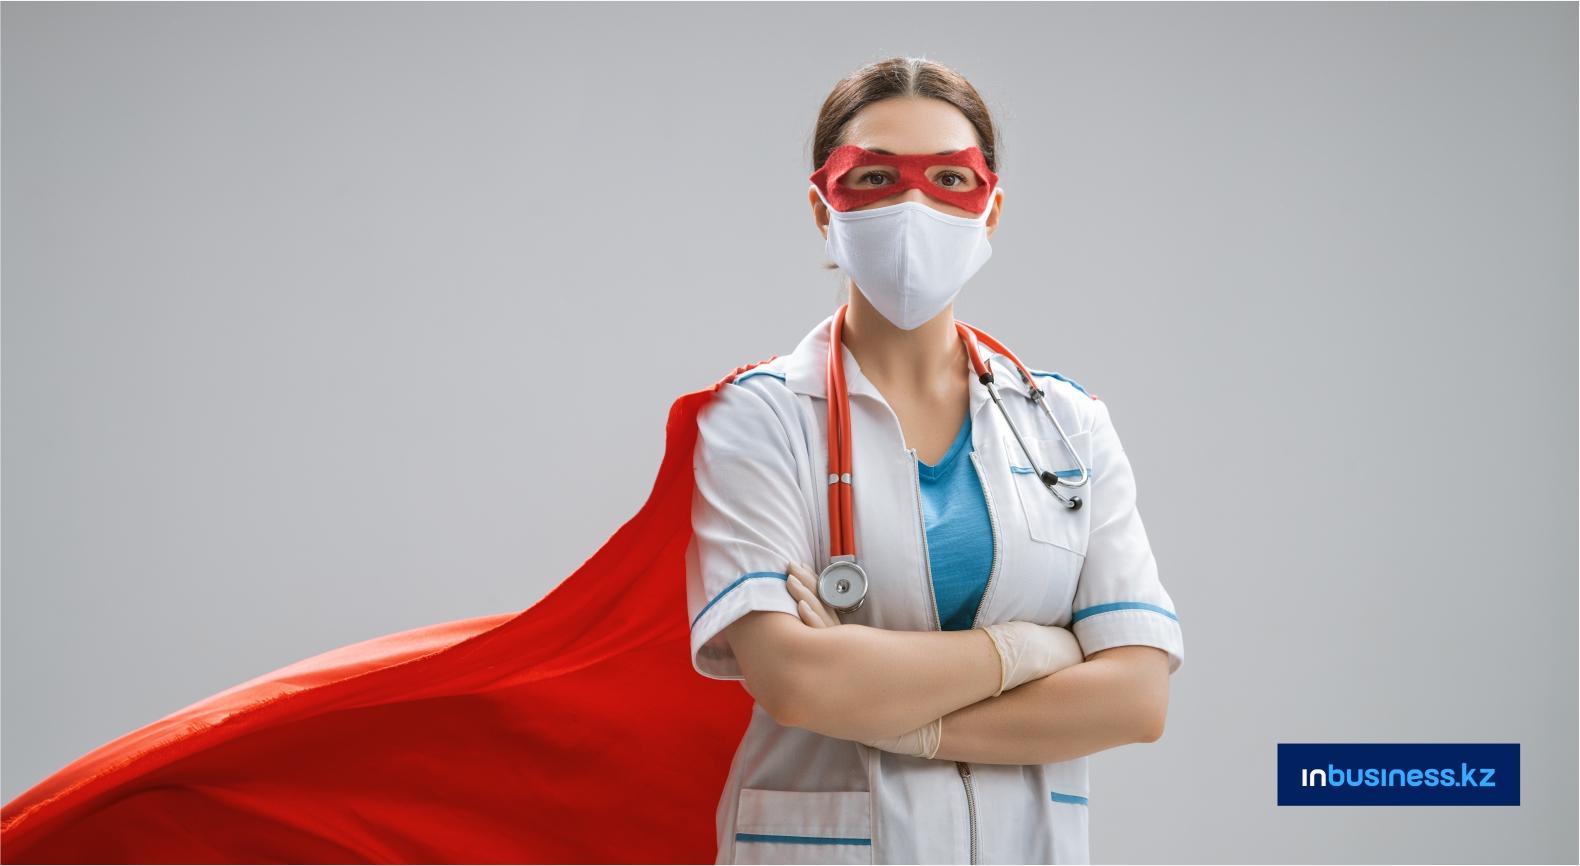 В Казахстане приостановили применение двух препаратов, которыми лечили от коронавируса